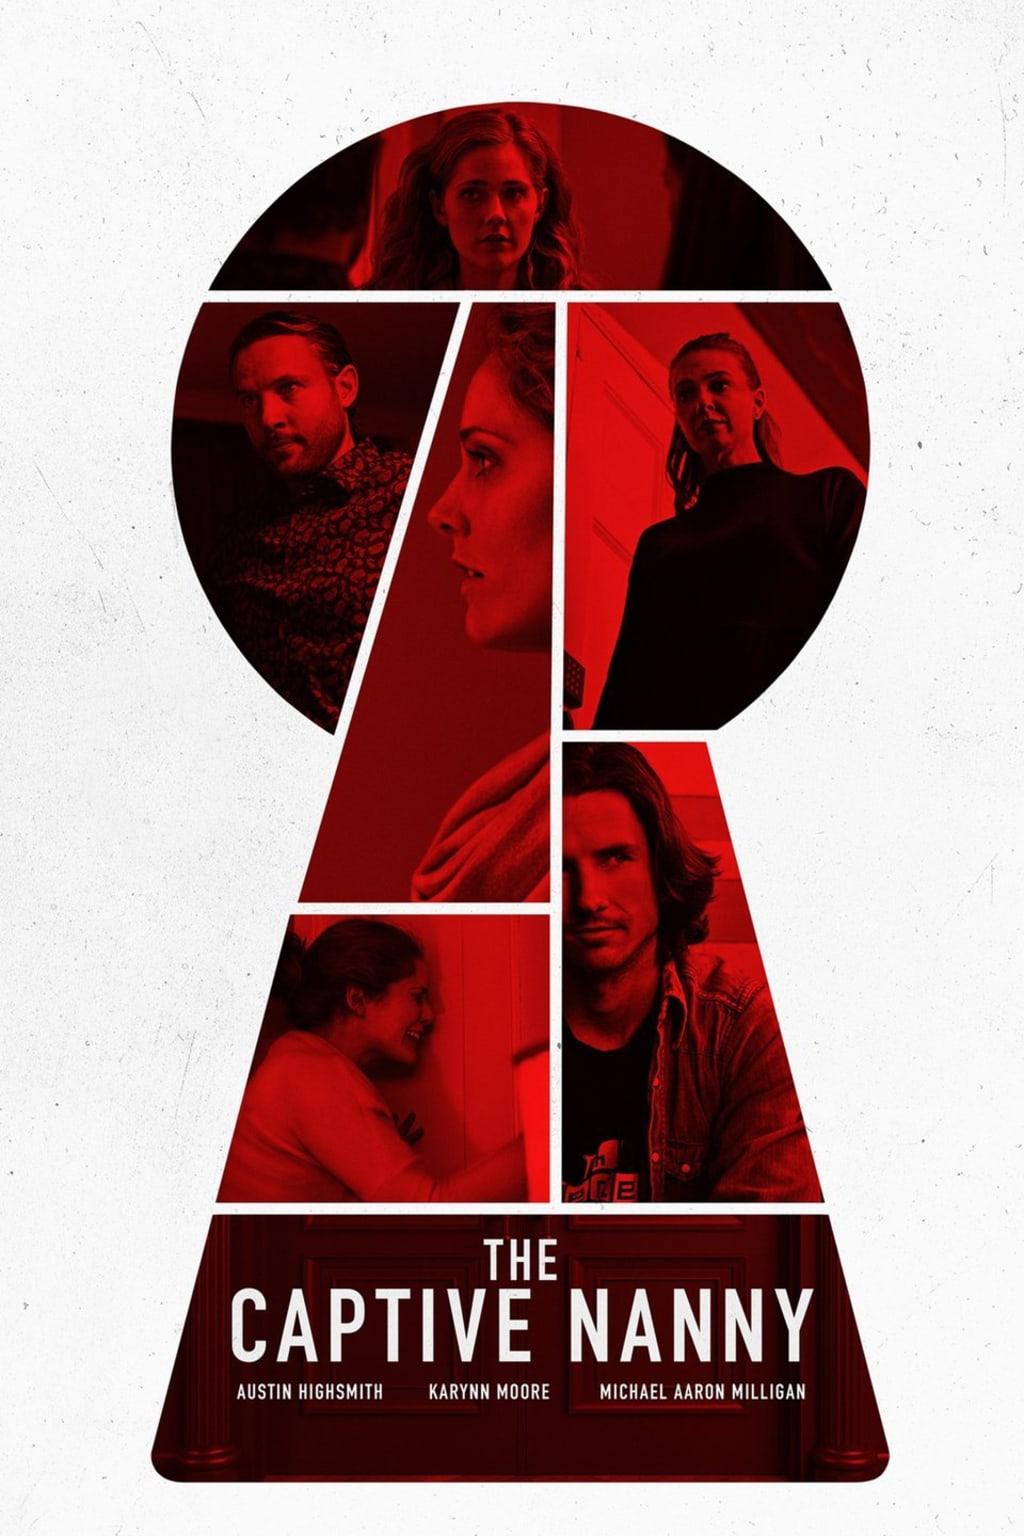 ดูหนัง The Captive Nanny (2020) จองจำโหด พี่เลี้ยงหวิดตาย ดูหนังออนไลน์ฟรี ดูหนังฟรี HD ชัด ดูหนังใหม่ชนโรง หนังใหม่ล่าสุด เต็มเรื่อง มาสเตอร์ พากย์ไทย ซาวด์แทร็ก ซับไทย หนังซูม หนังแอคชั่น หนังผจญภัย หนังแอนนิเมชั่น หนัง HD ได้ที่ movie24x.com